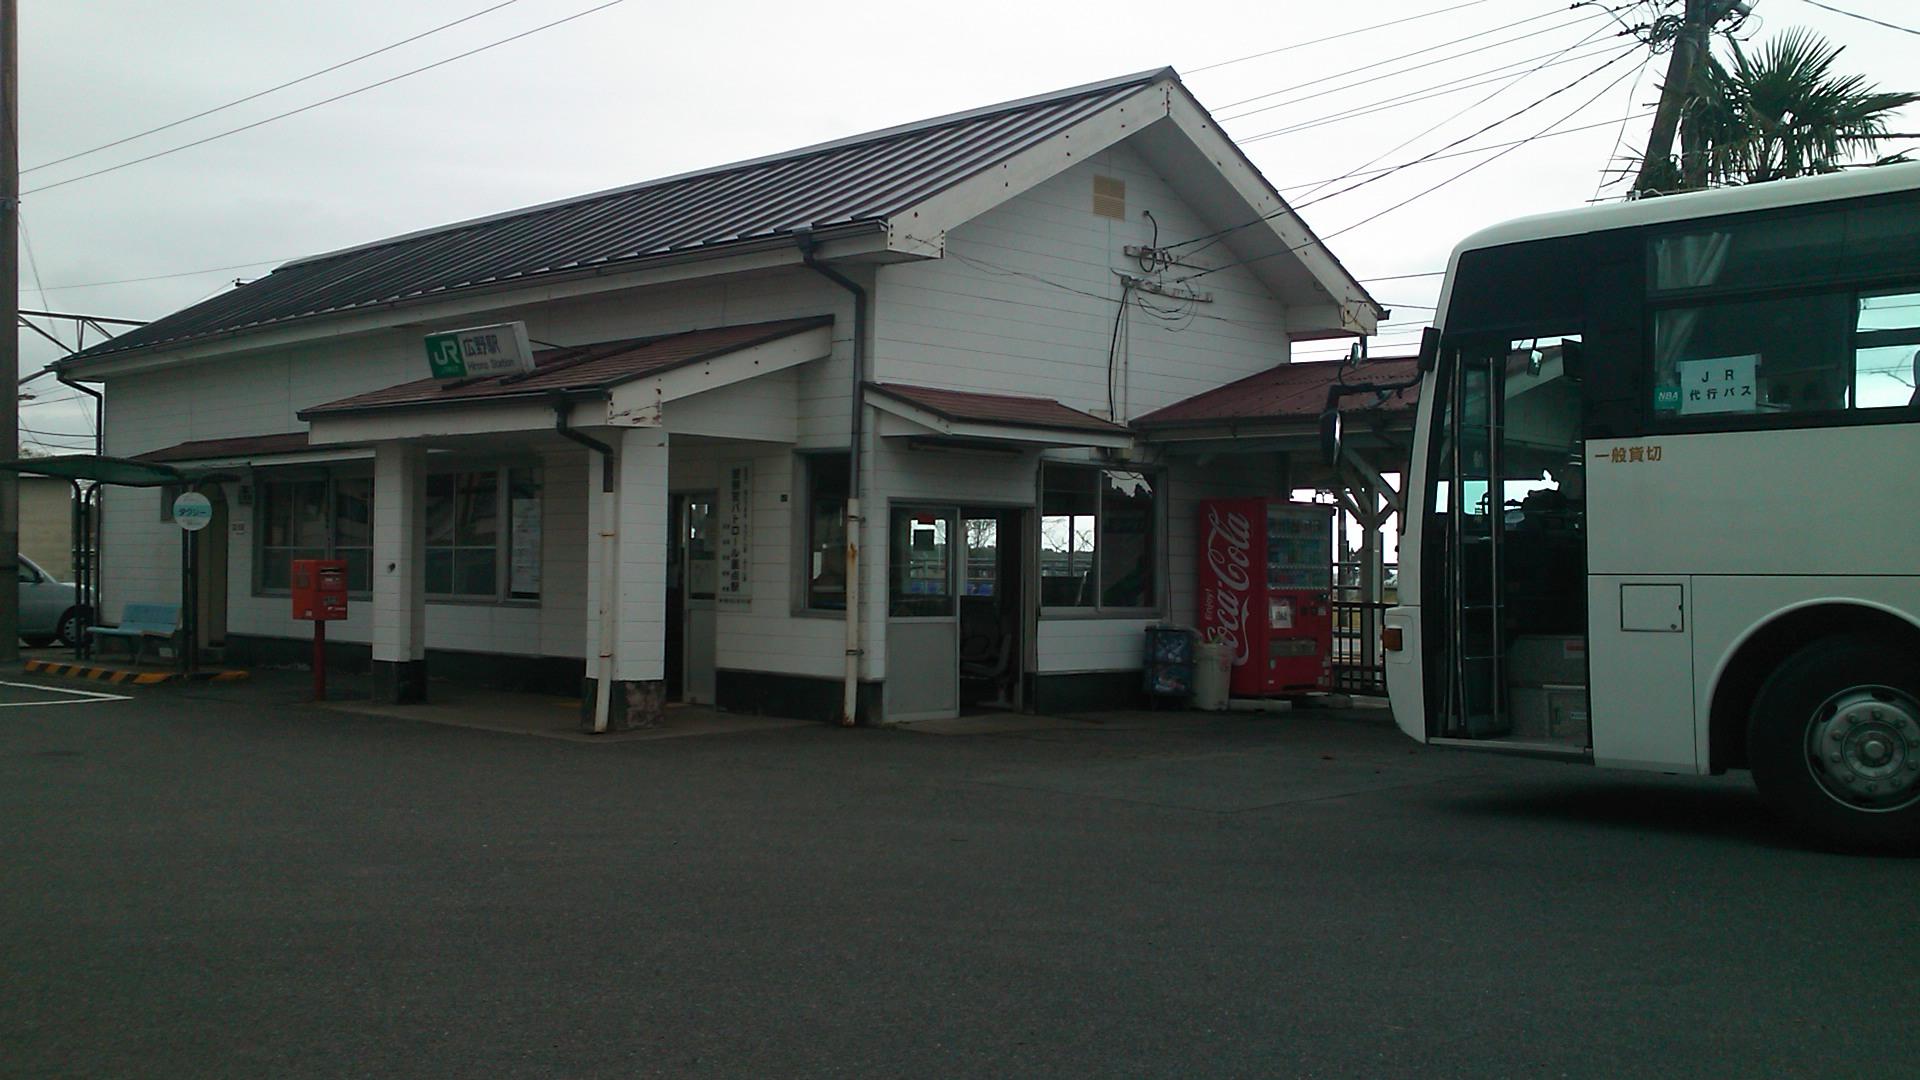 鉄道旅行かバス旅行か